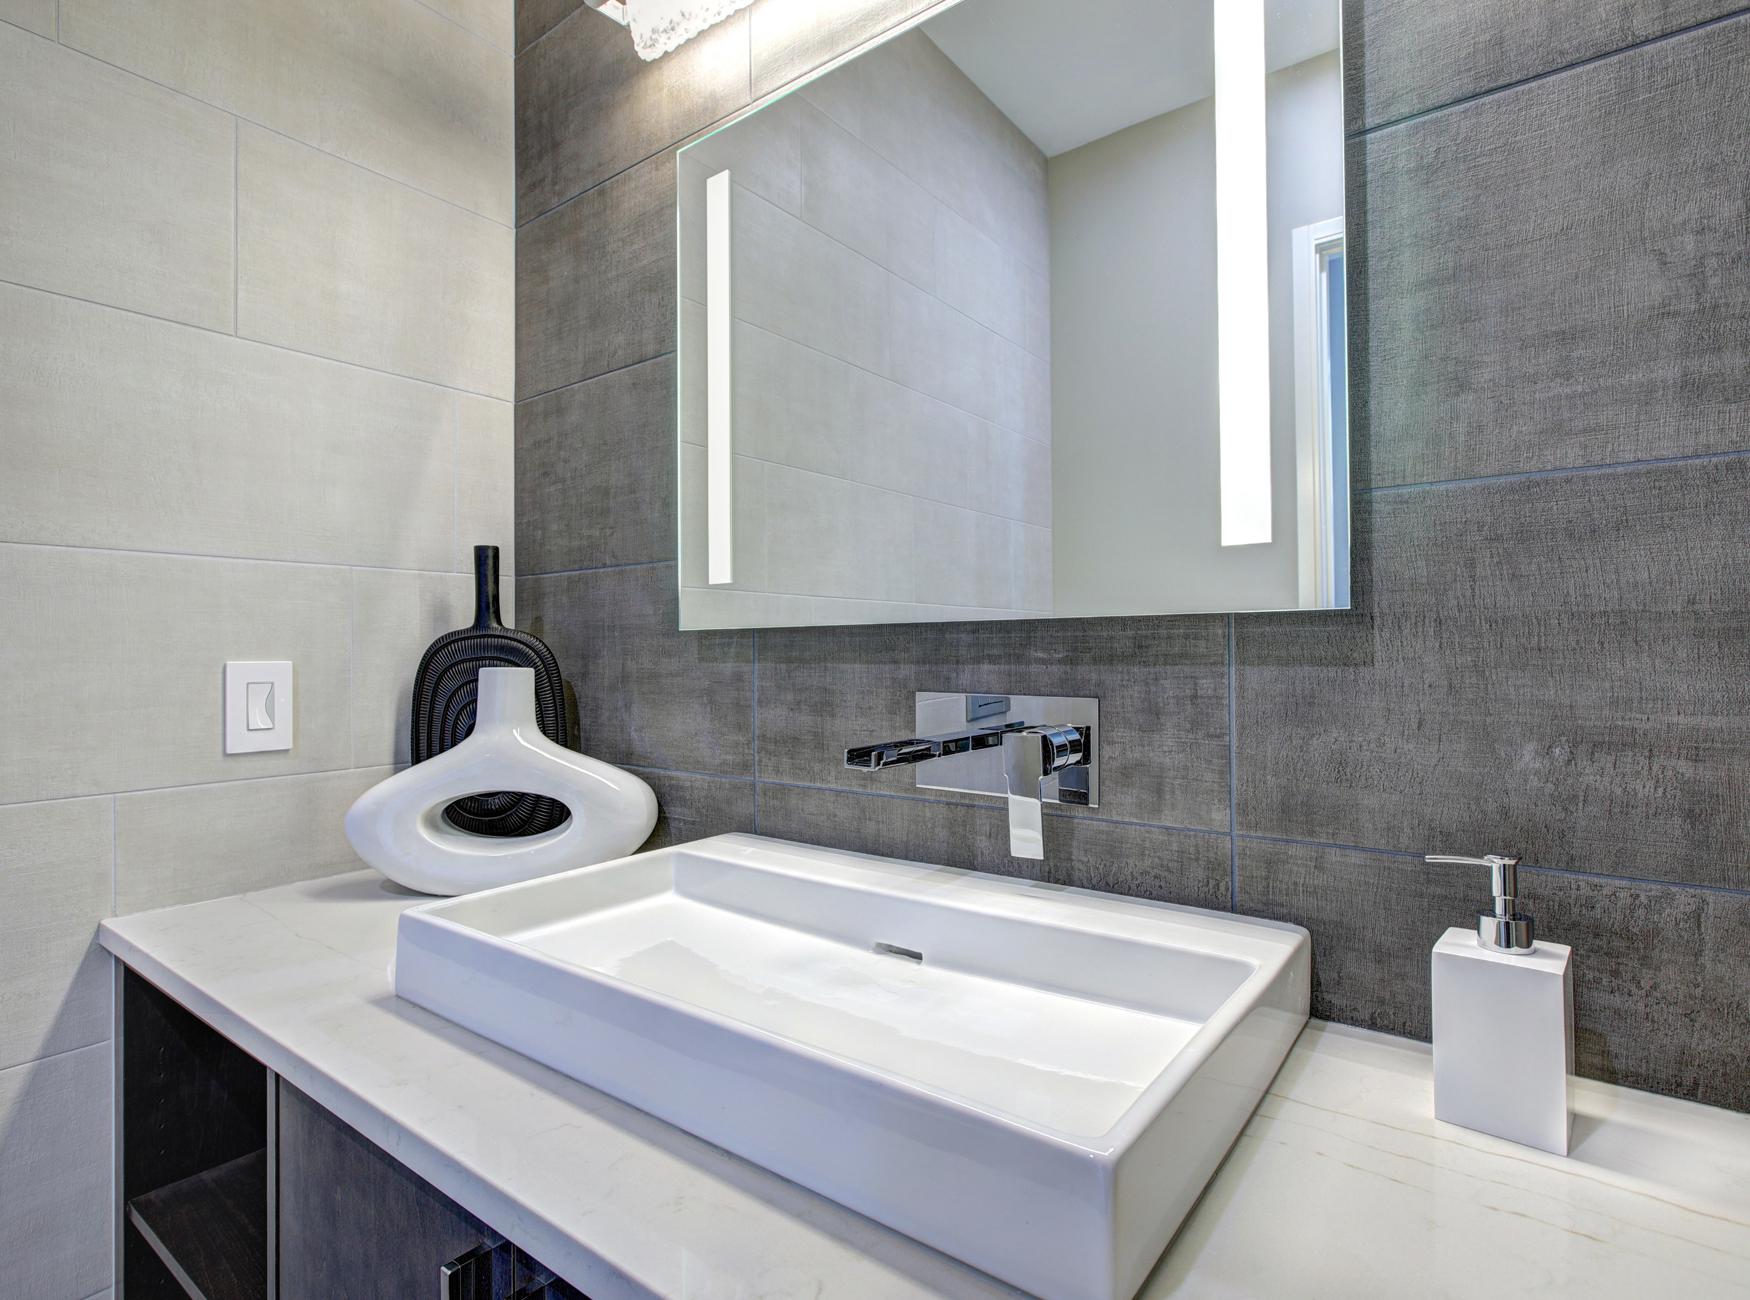 PowerSun Mirror LED rahmenlos 400 Watt